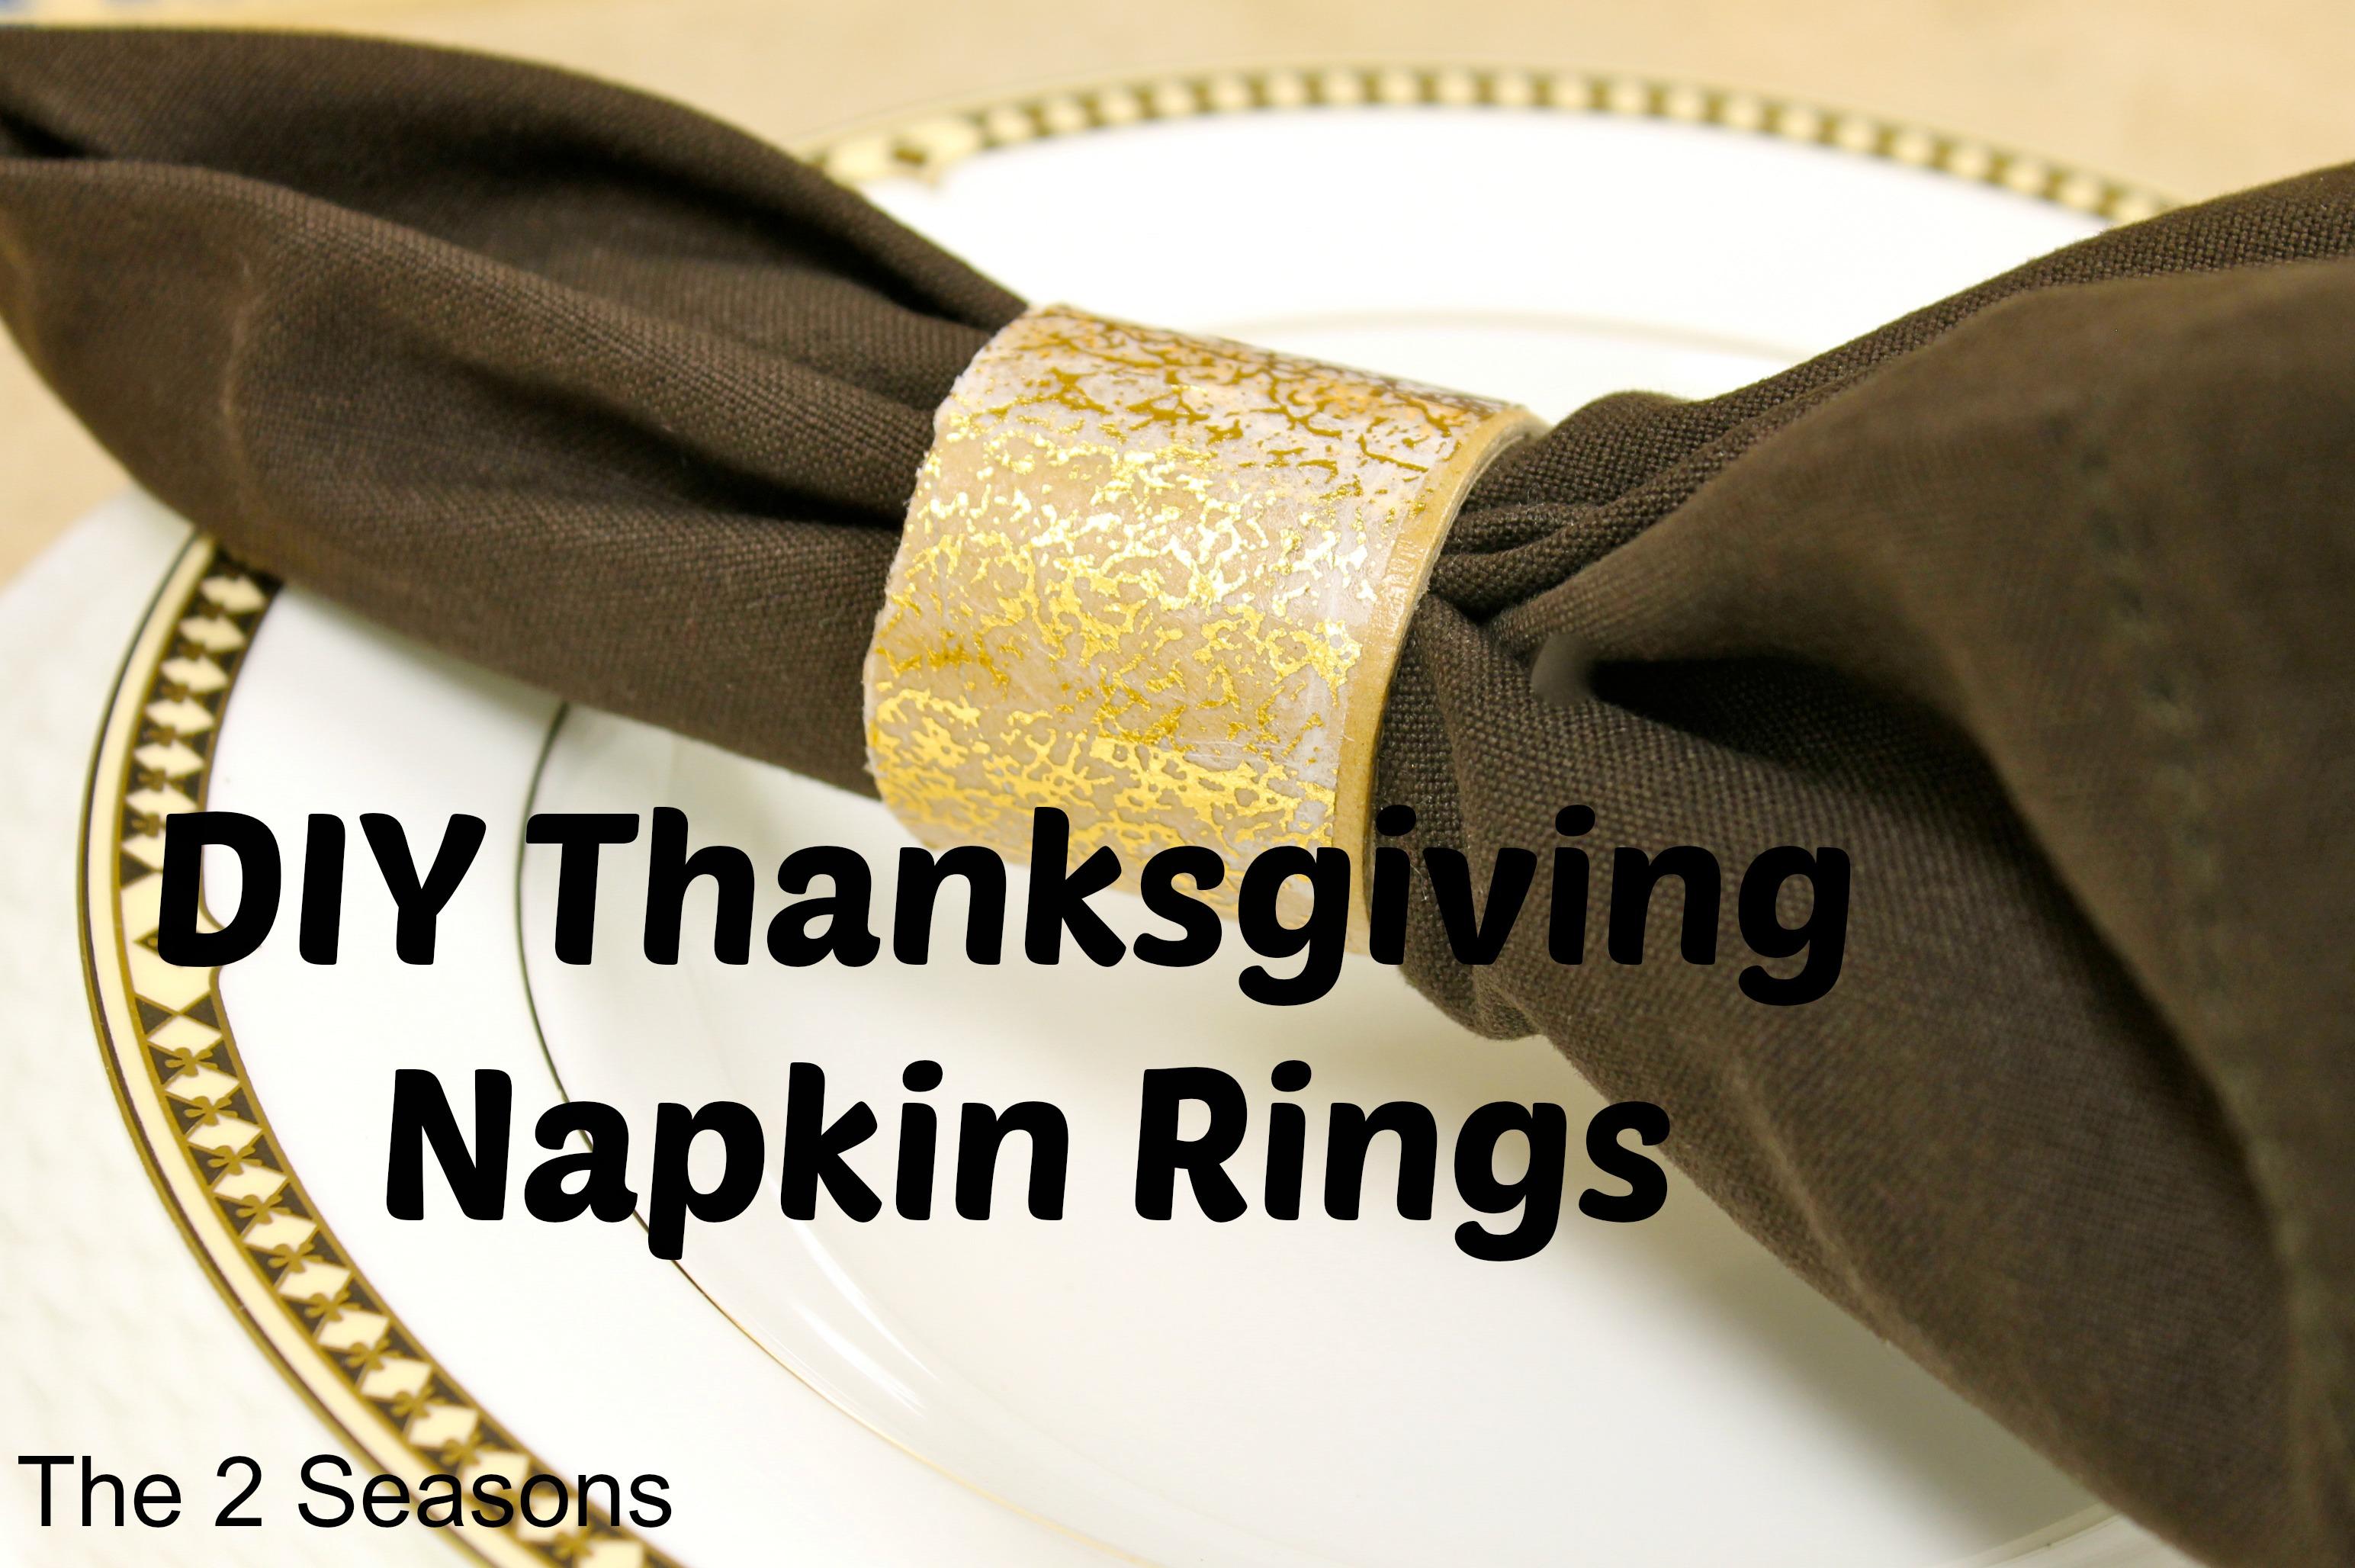 Napkin Rings 2 - DIY Thanksgiving Napkin Rings